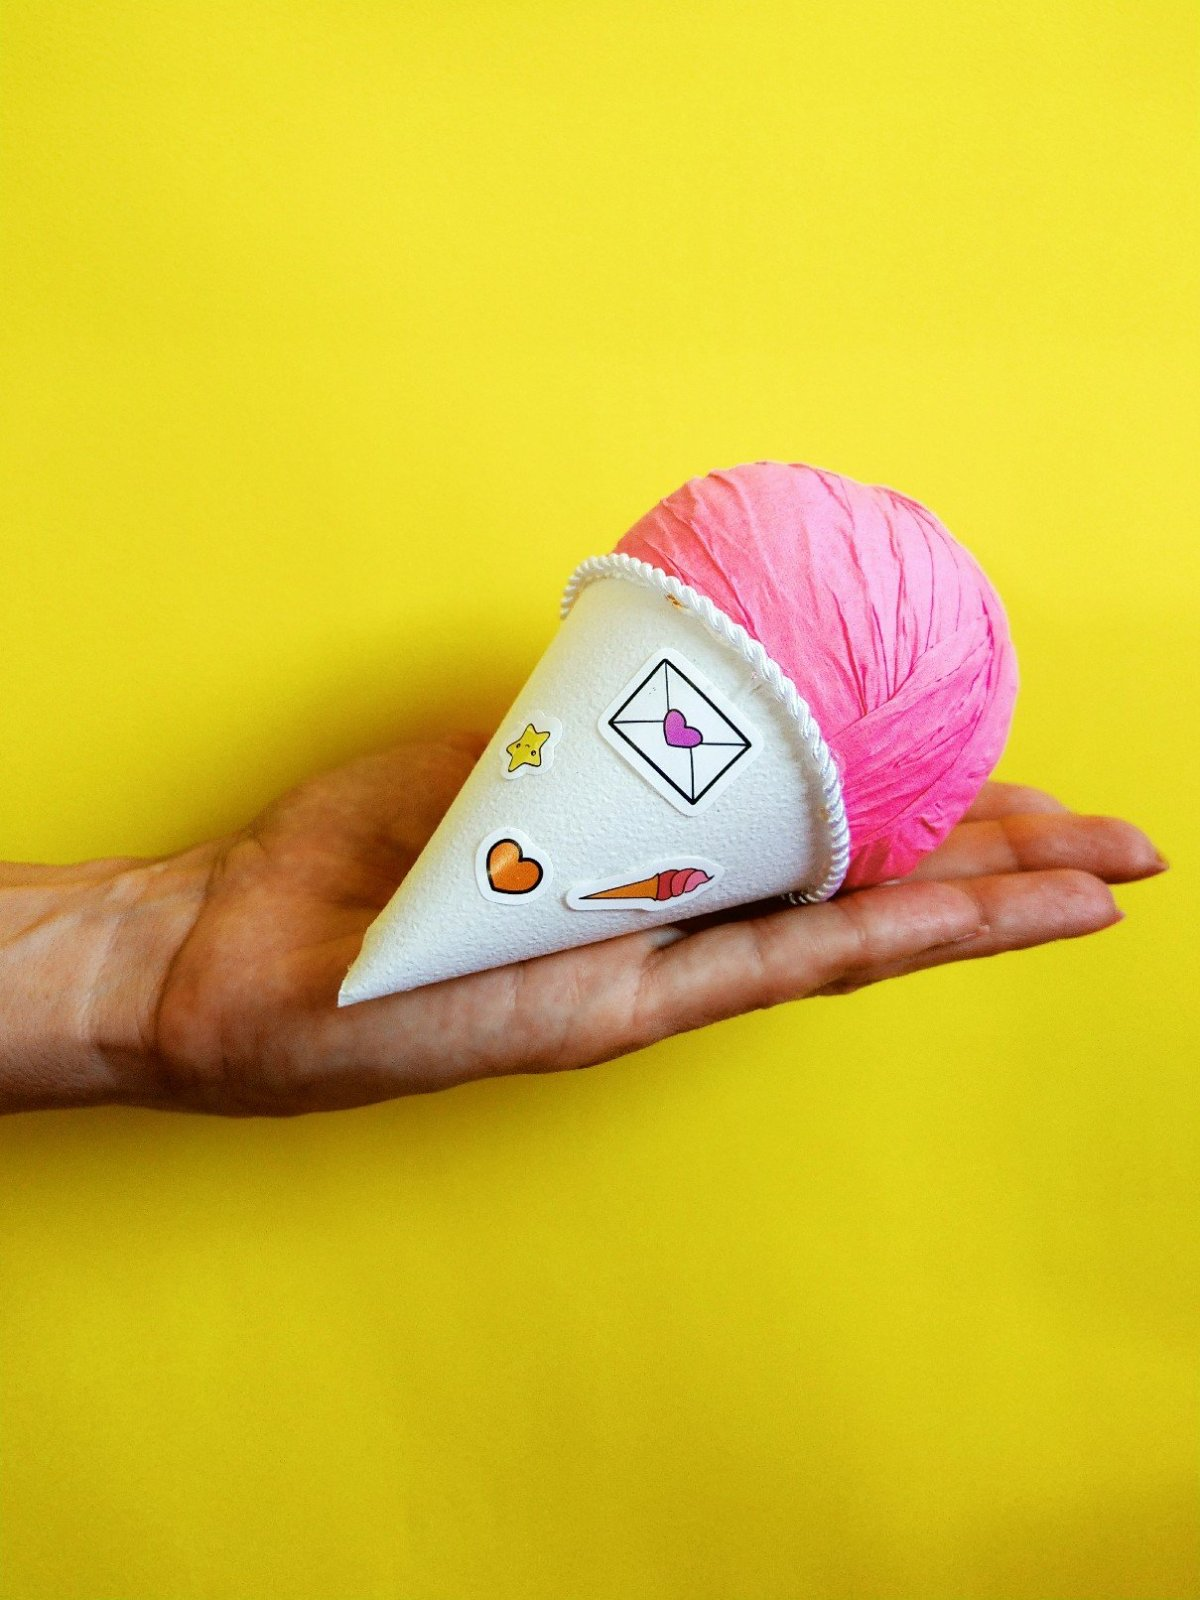 Orginelle Geschenkverpackung zum Selbermachen. Das DIY Eis ist schnell und einfach gebastelt und verbirgt im inneren lauter kleine Überraschungen. Tolles DIY Geschenk und bestens als Mitbringsel zur nächsten Gartenparty geeignet.